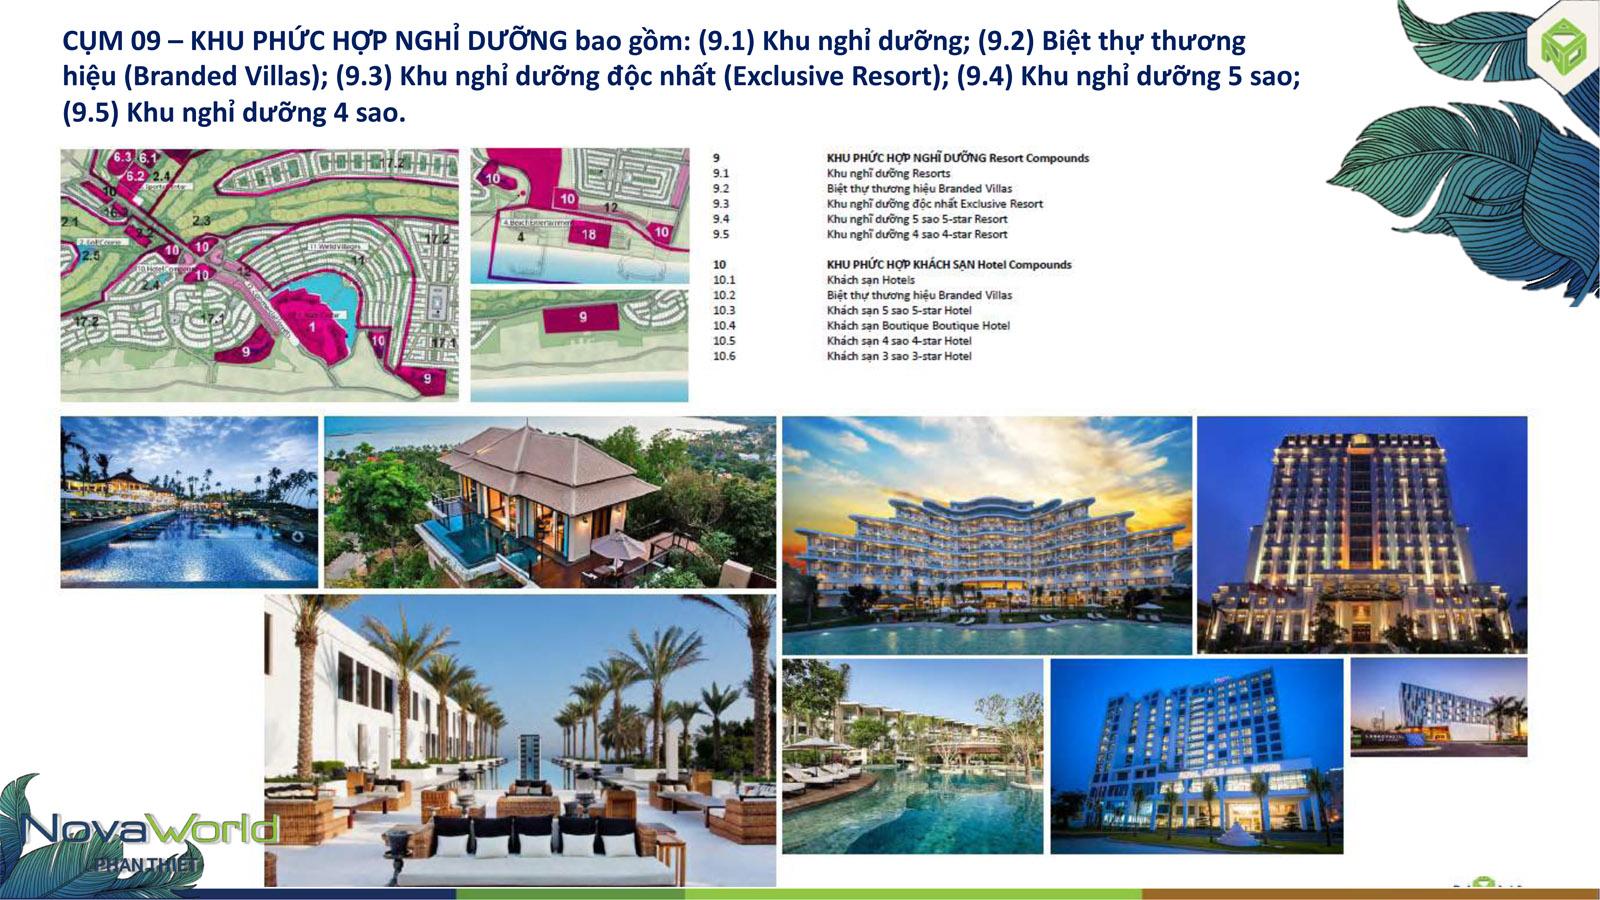 Cụm tiện ích Khu phức hợp nghỉ dưỡng dự án NovaWorld Phan Thiết